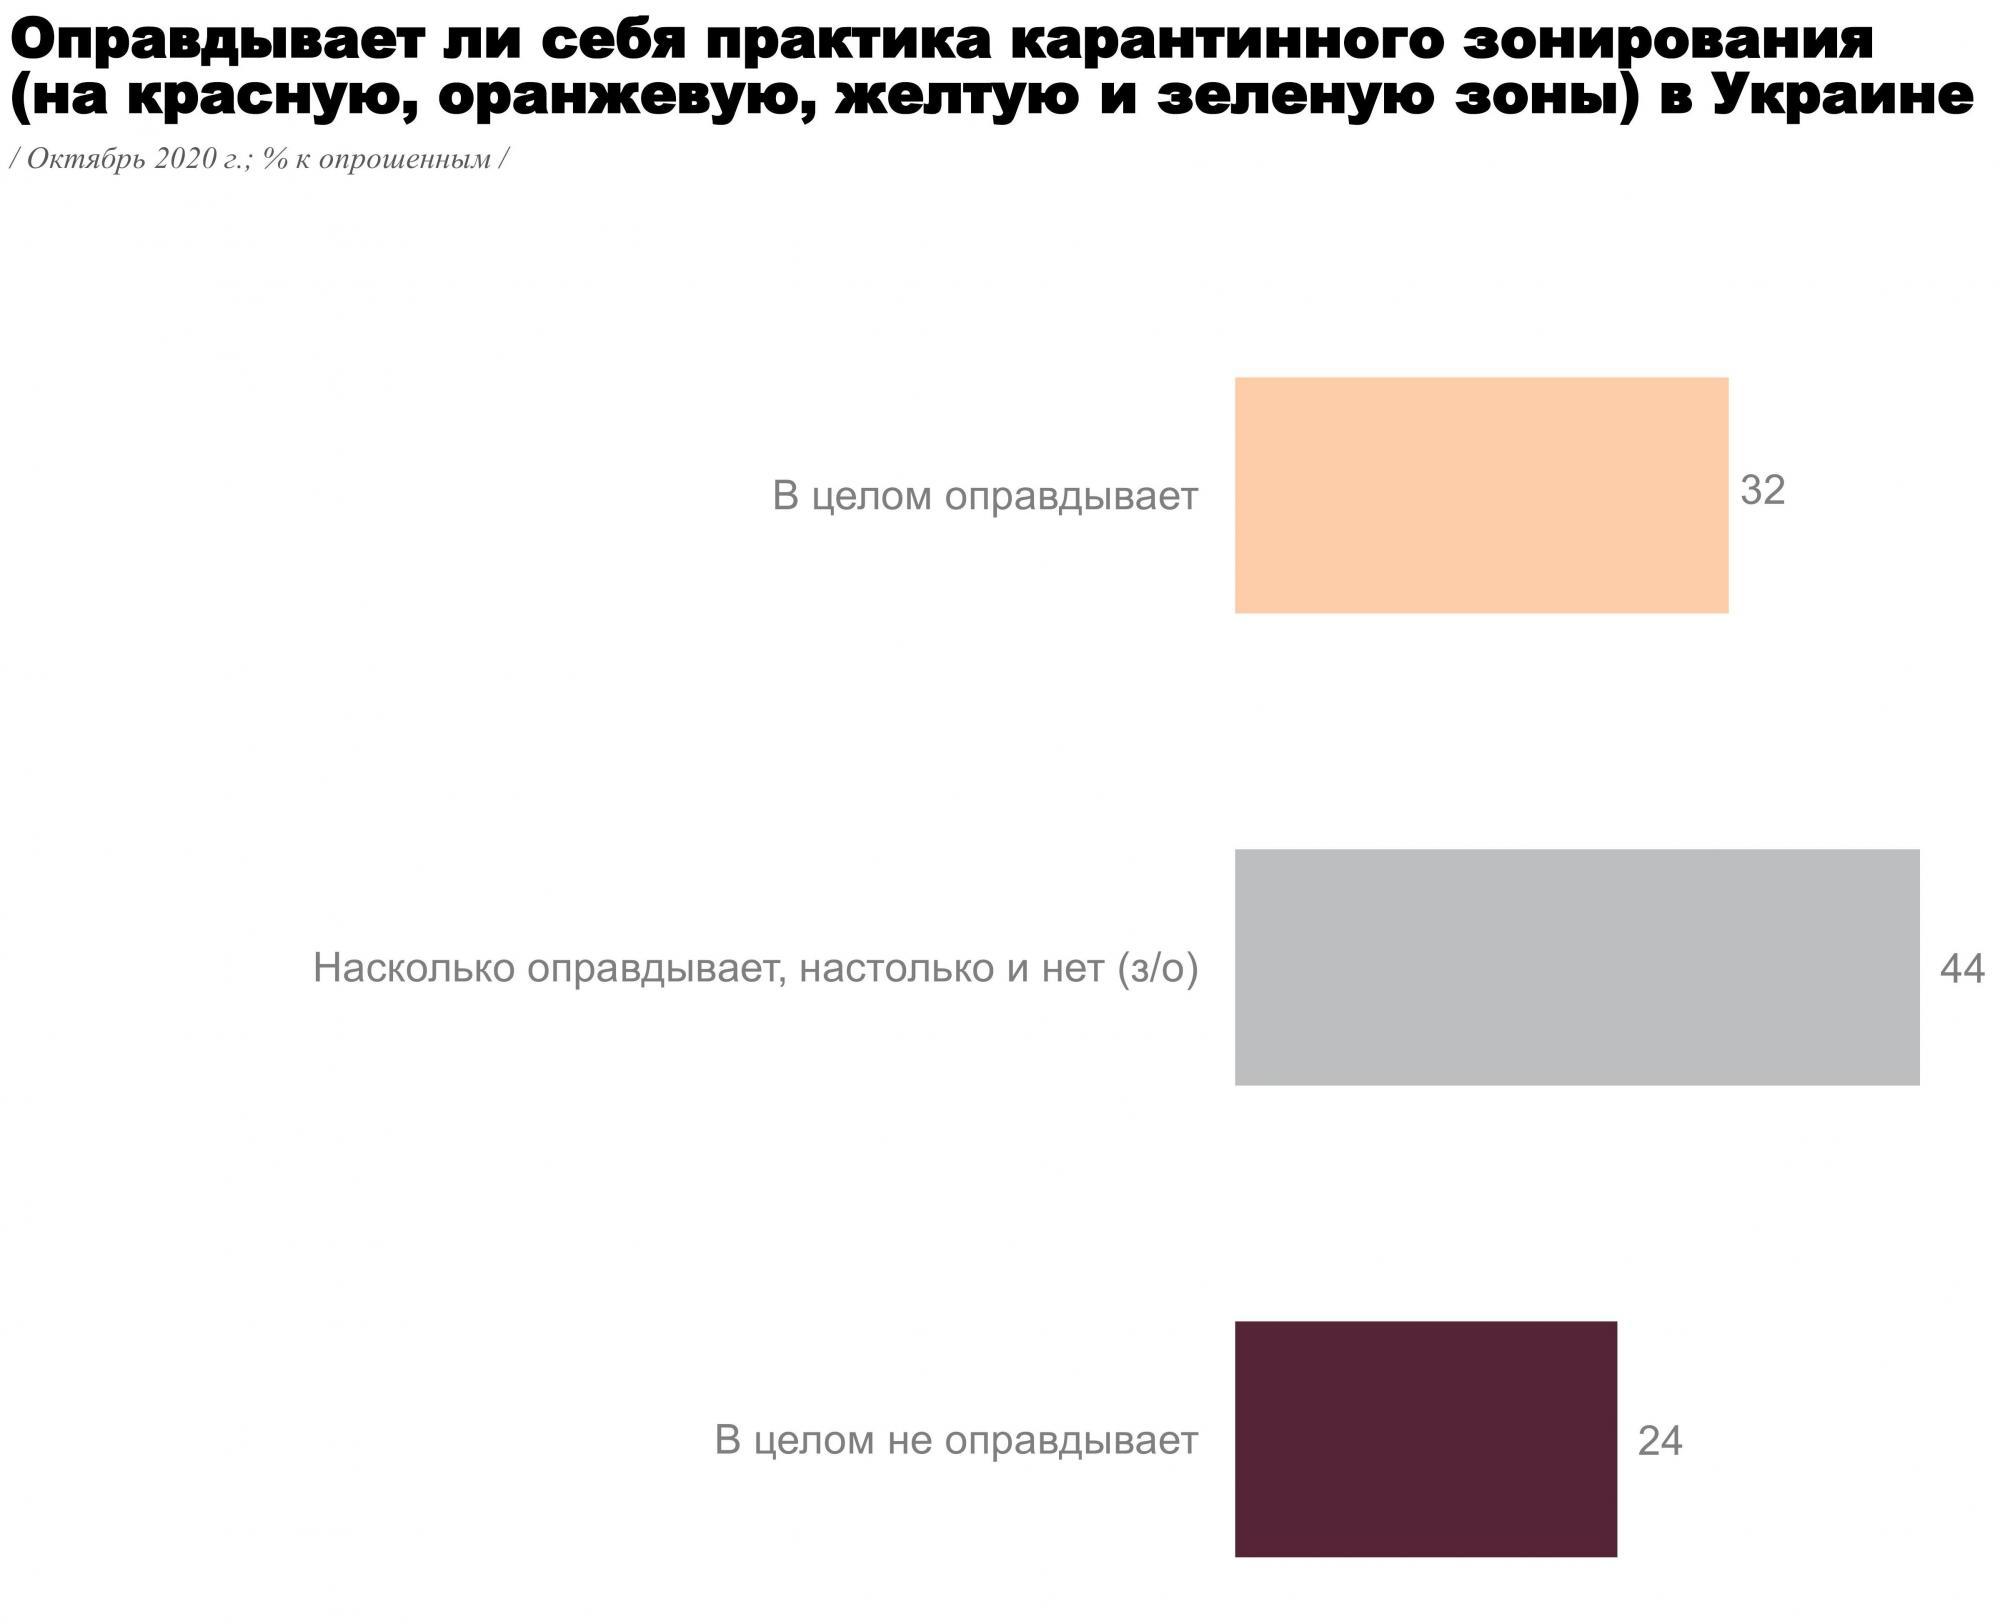 Разделение страны на карантинные зоны одобряют около 30% украинцев